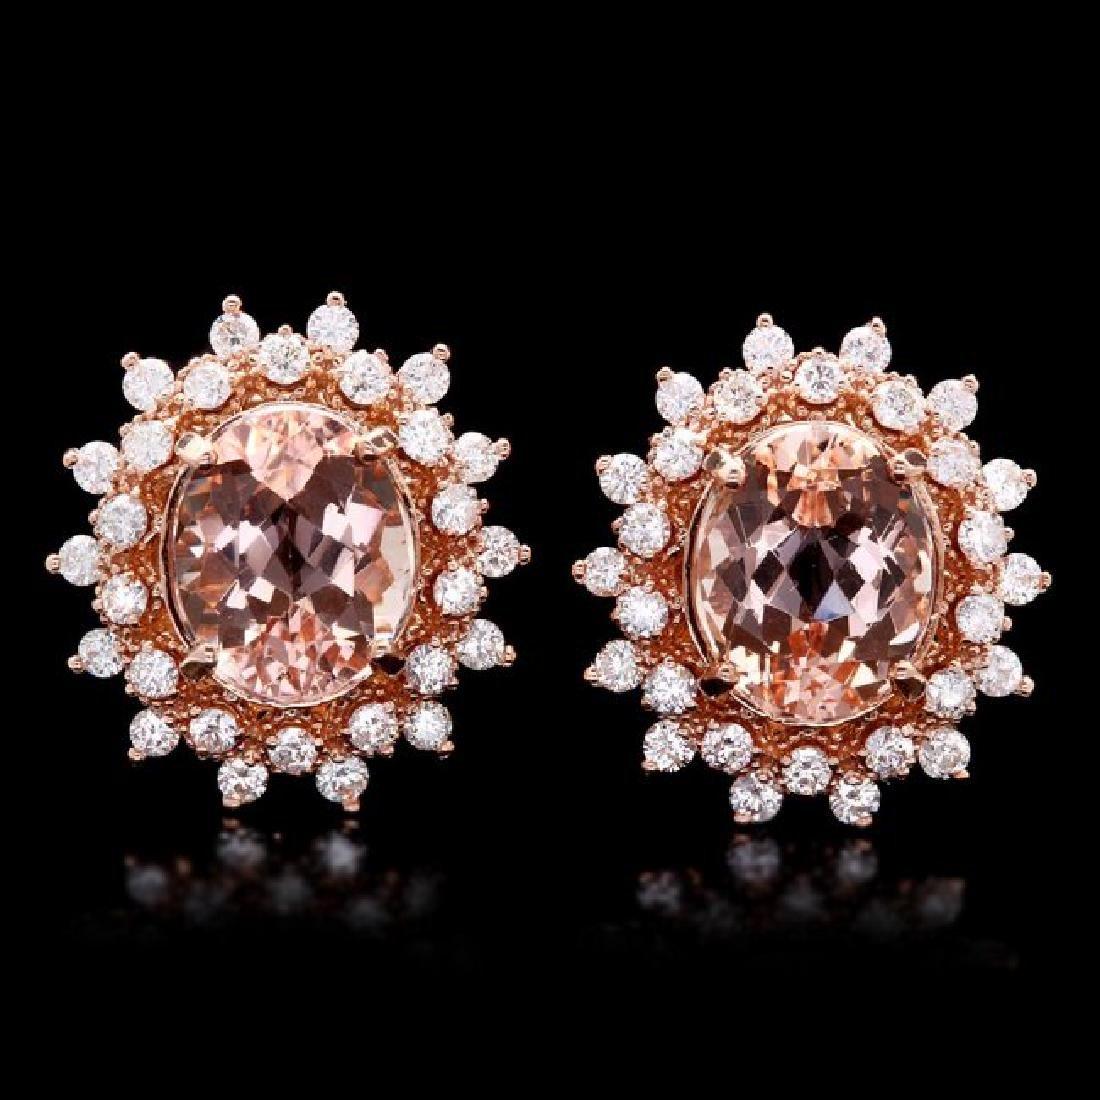 14k Rose 8ct Morganite 1.75ct Diamond Earrings